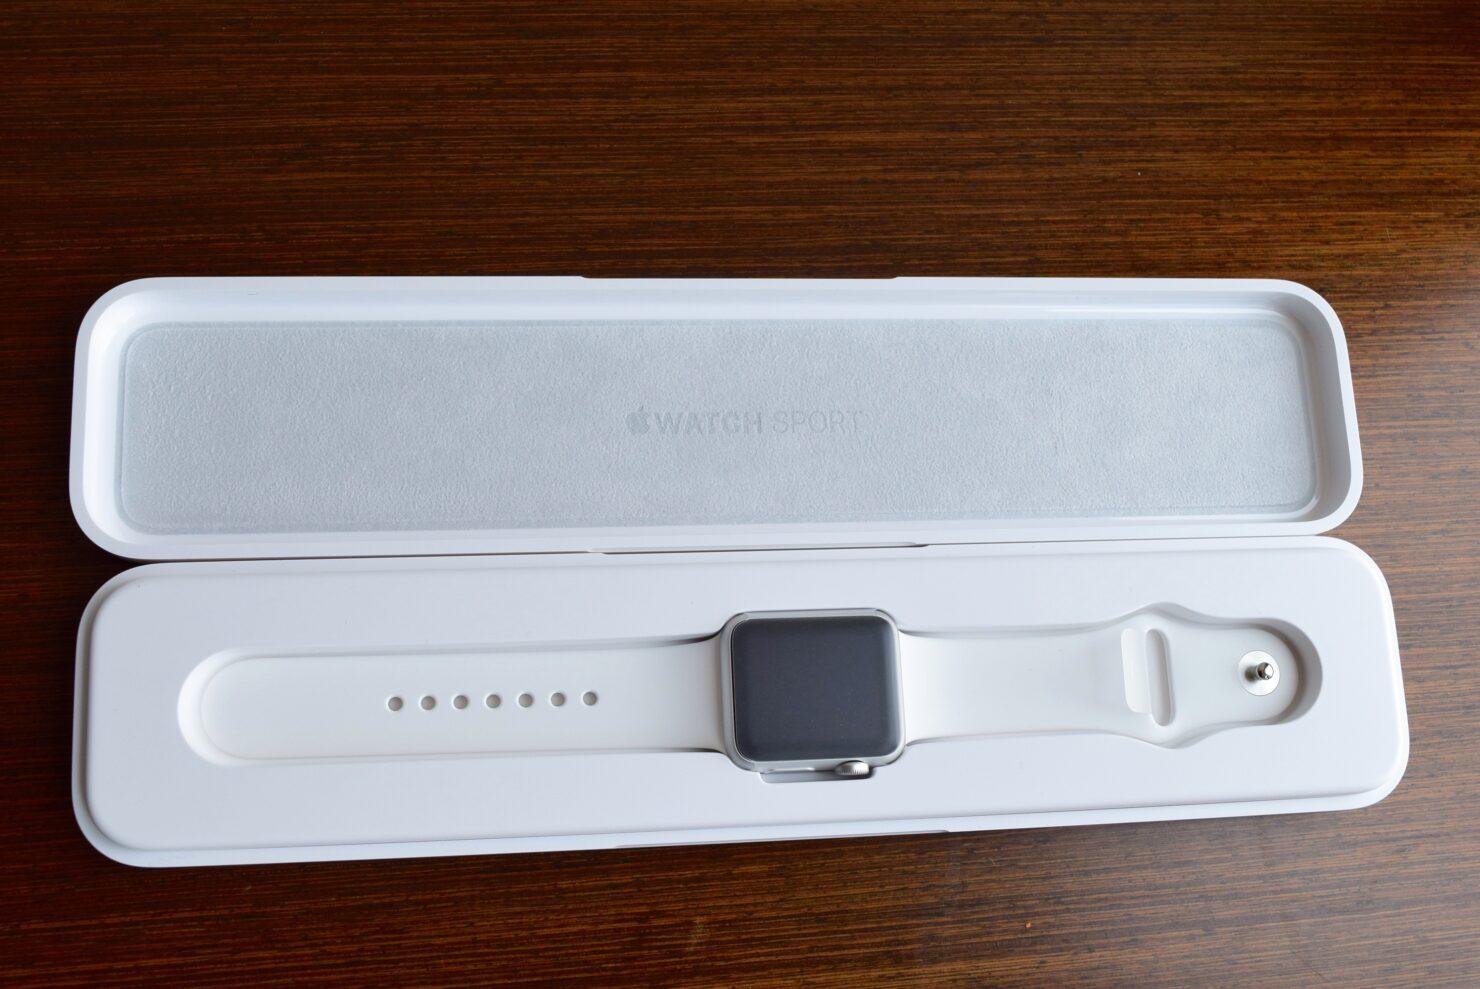 apple-watch-unboxing-dsc_0210